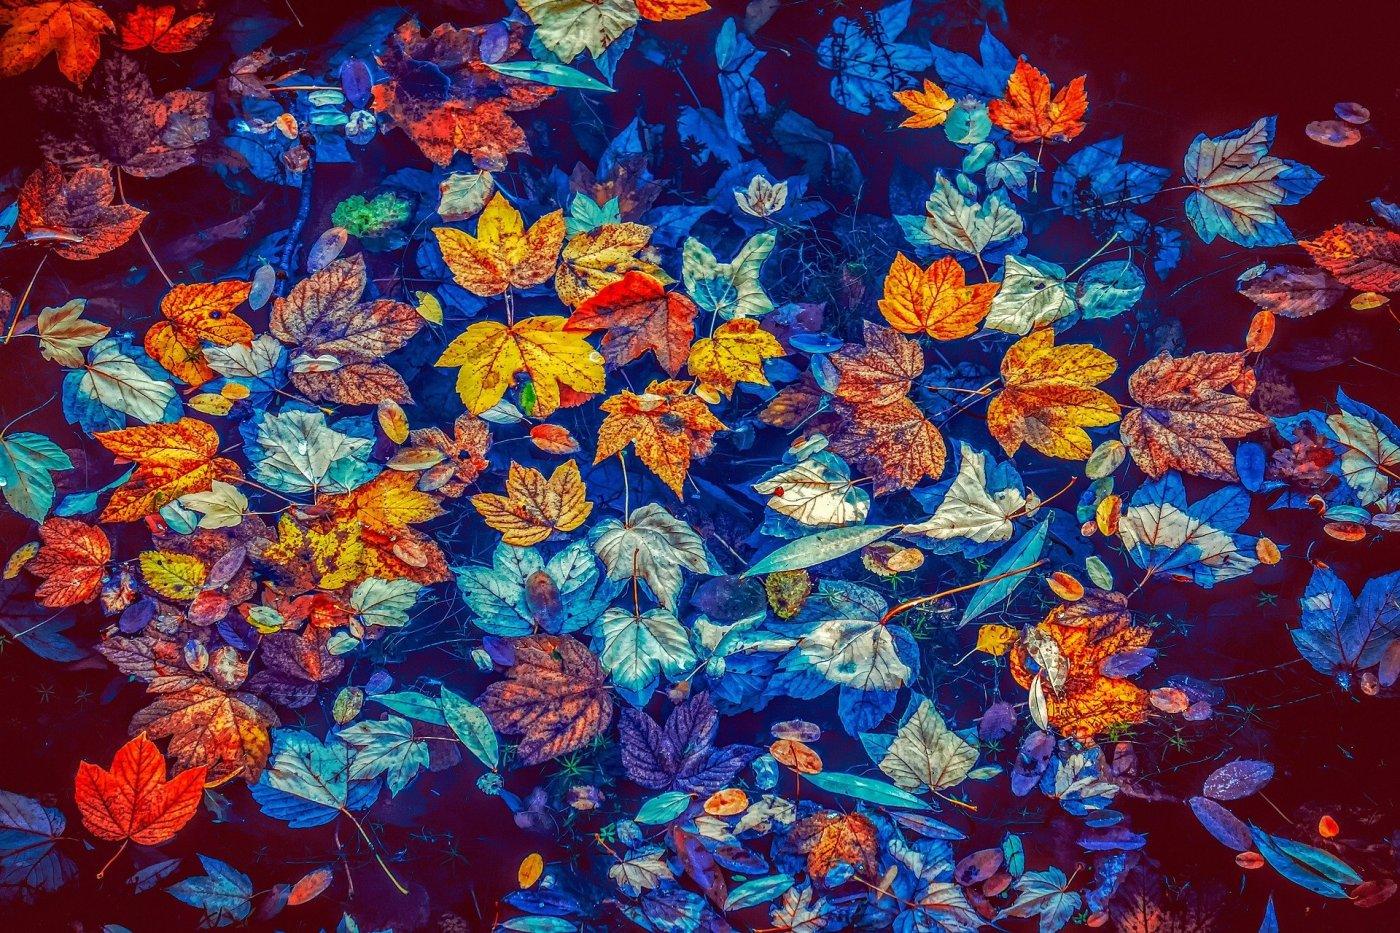 Autumn or Fall